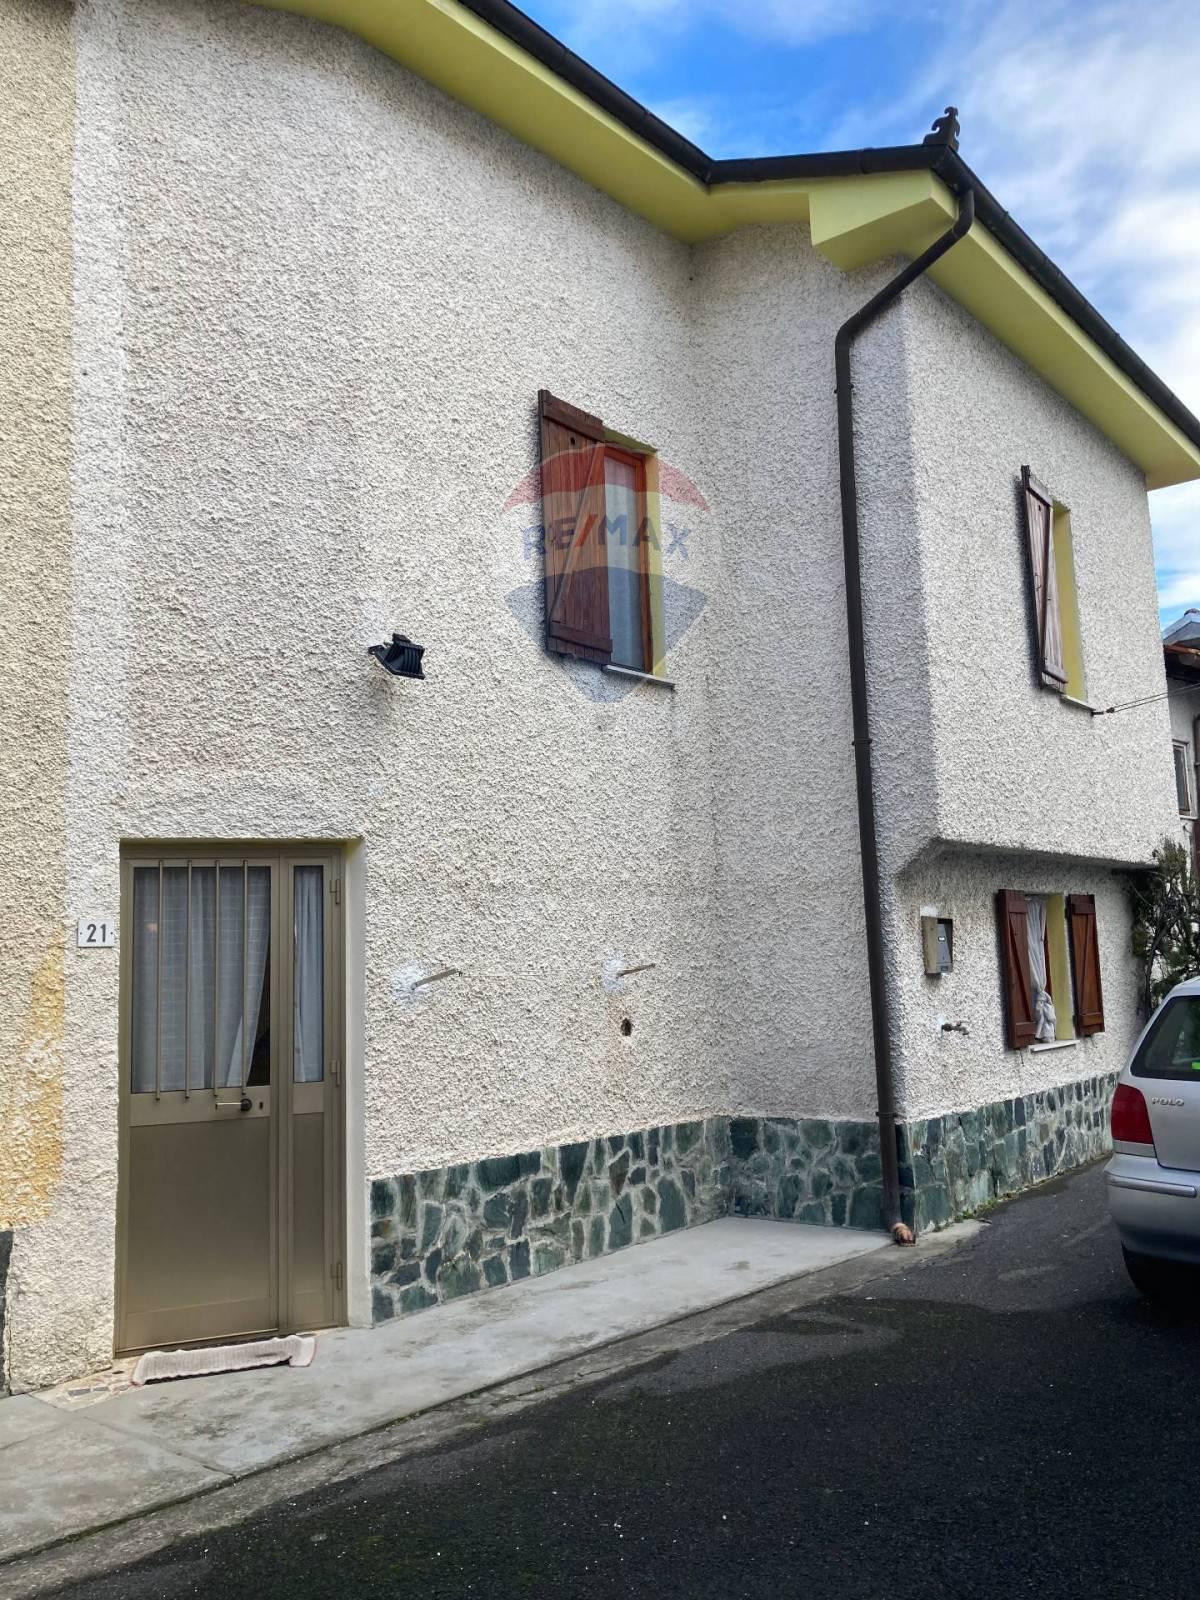 Soluzione Semindipendente in vendita a Piana Crixia, 4 locali, zona Zona: Villa, prezzo € 40.000   CambioCasa.it